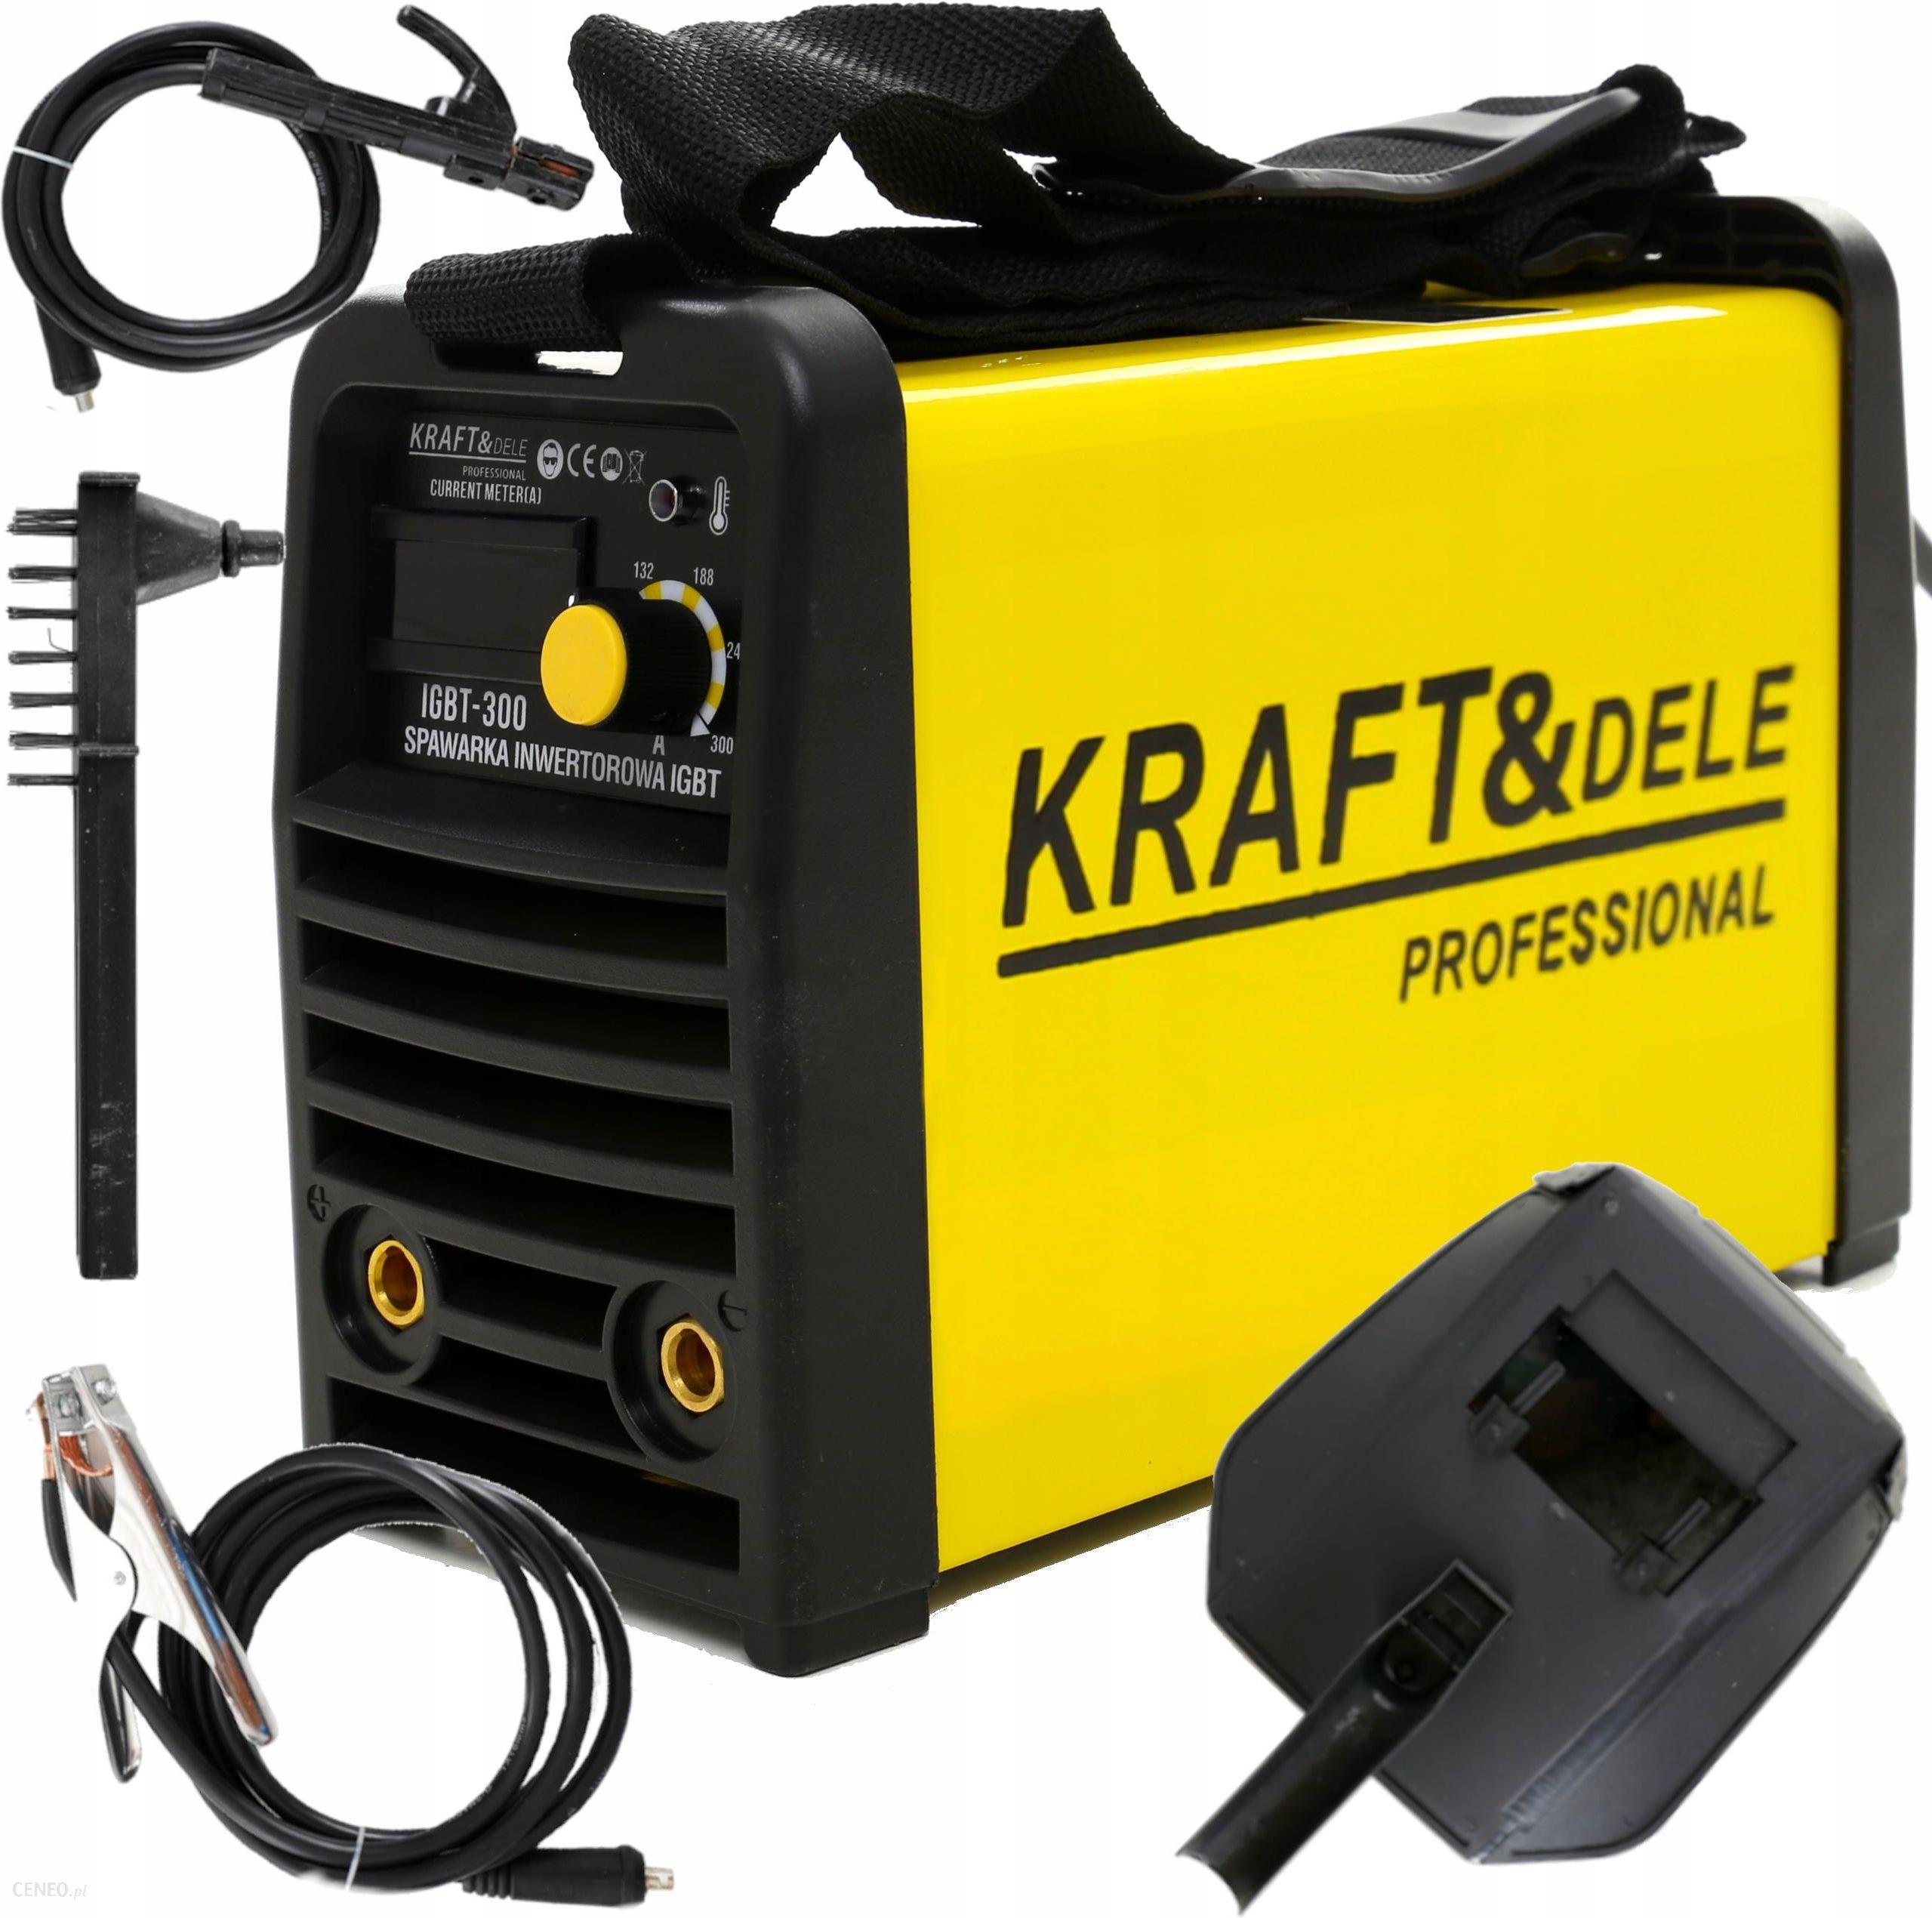 Kraft&Dele Kd1856